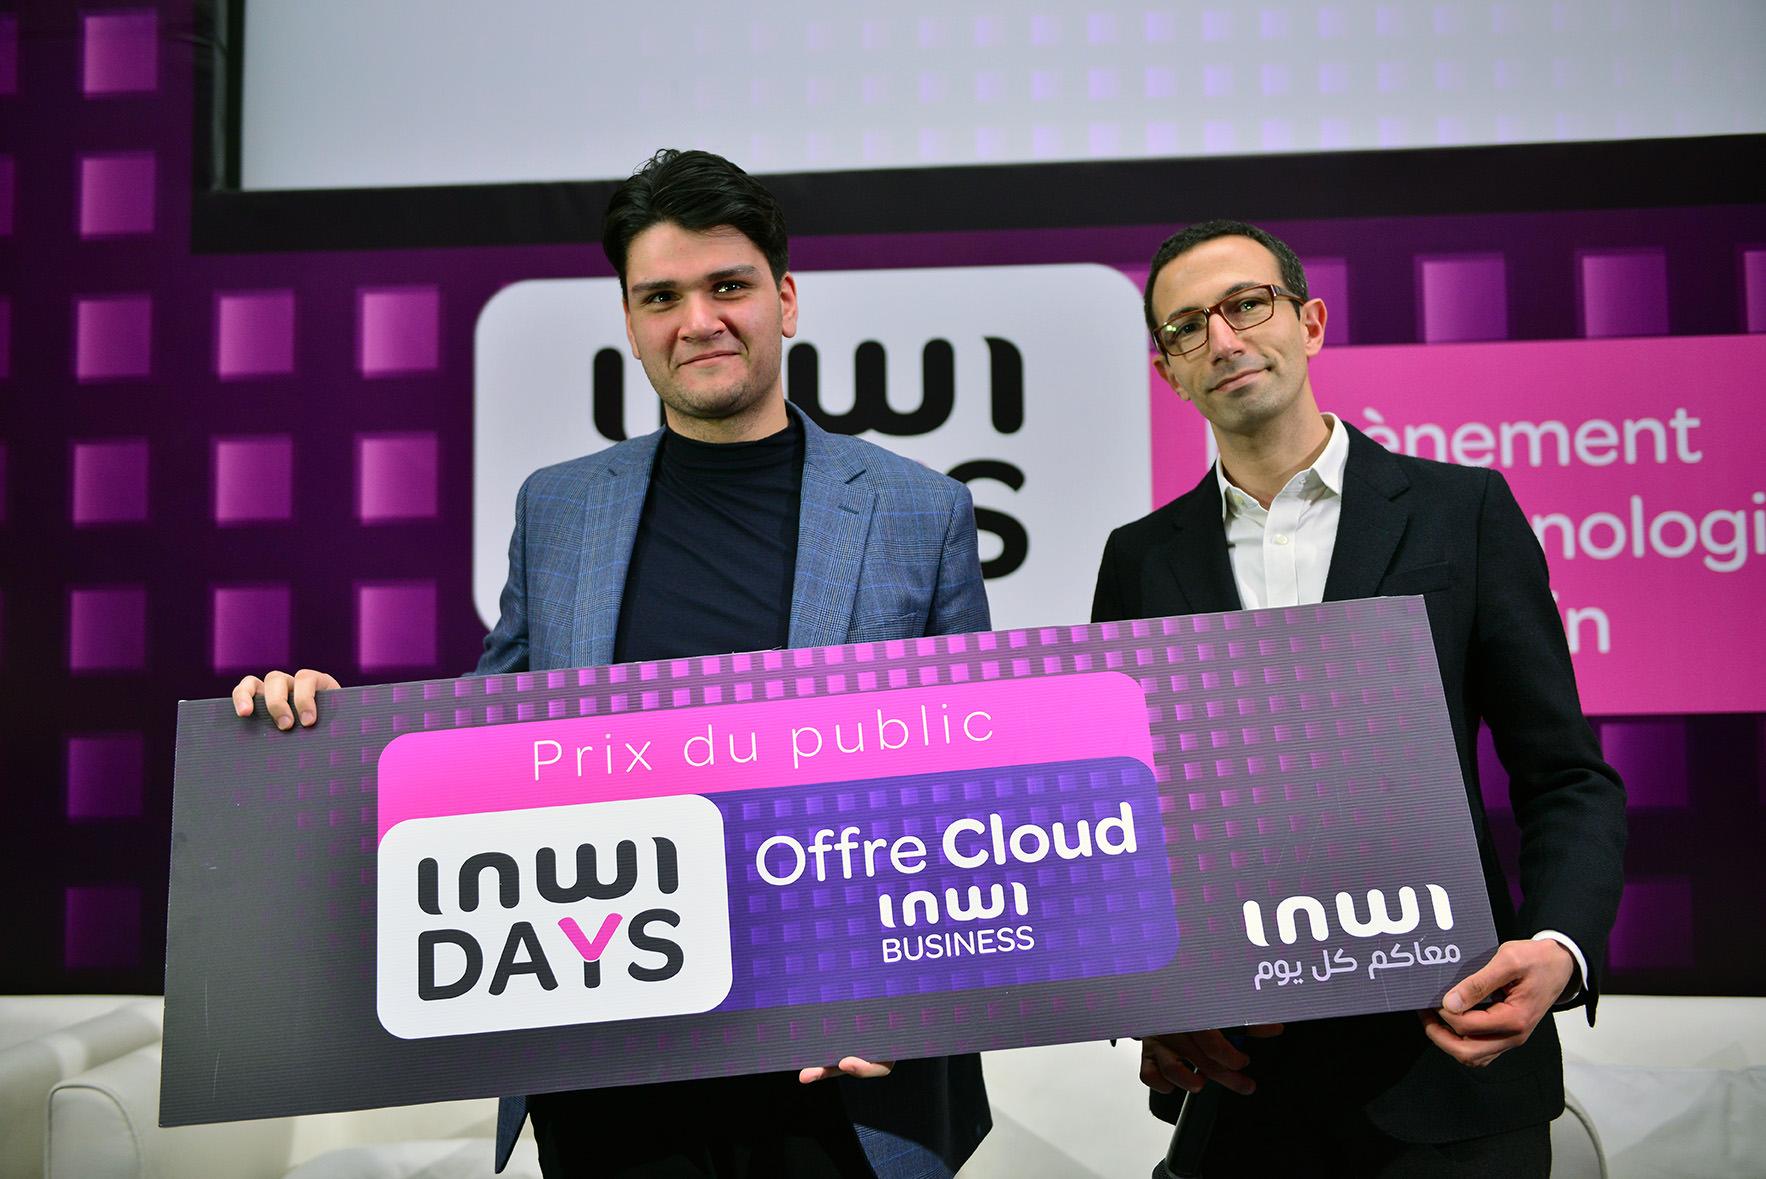 InwiDAYS : L'innovation digitale des startups au service de la relance économique